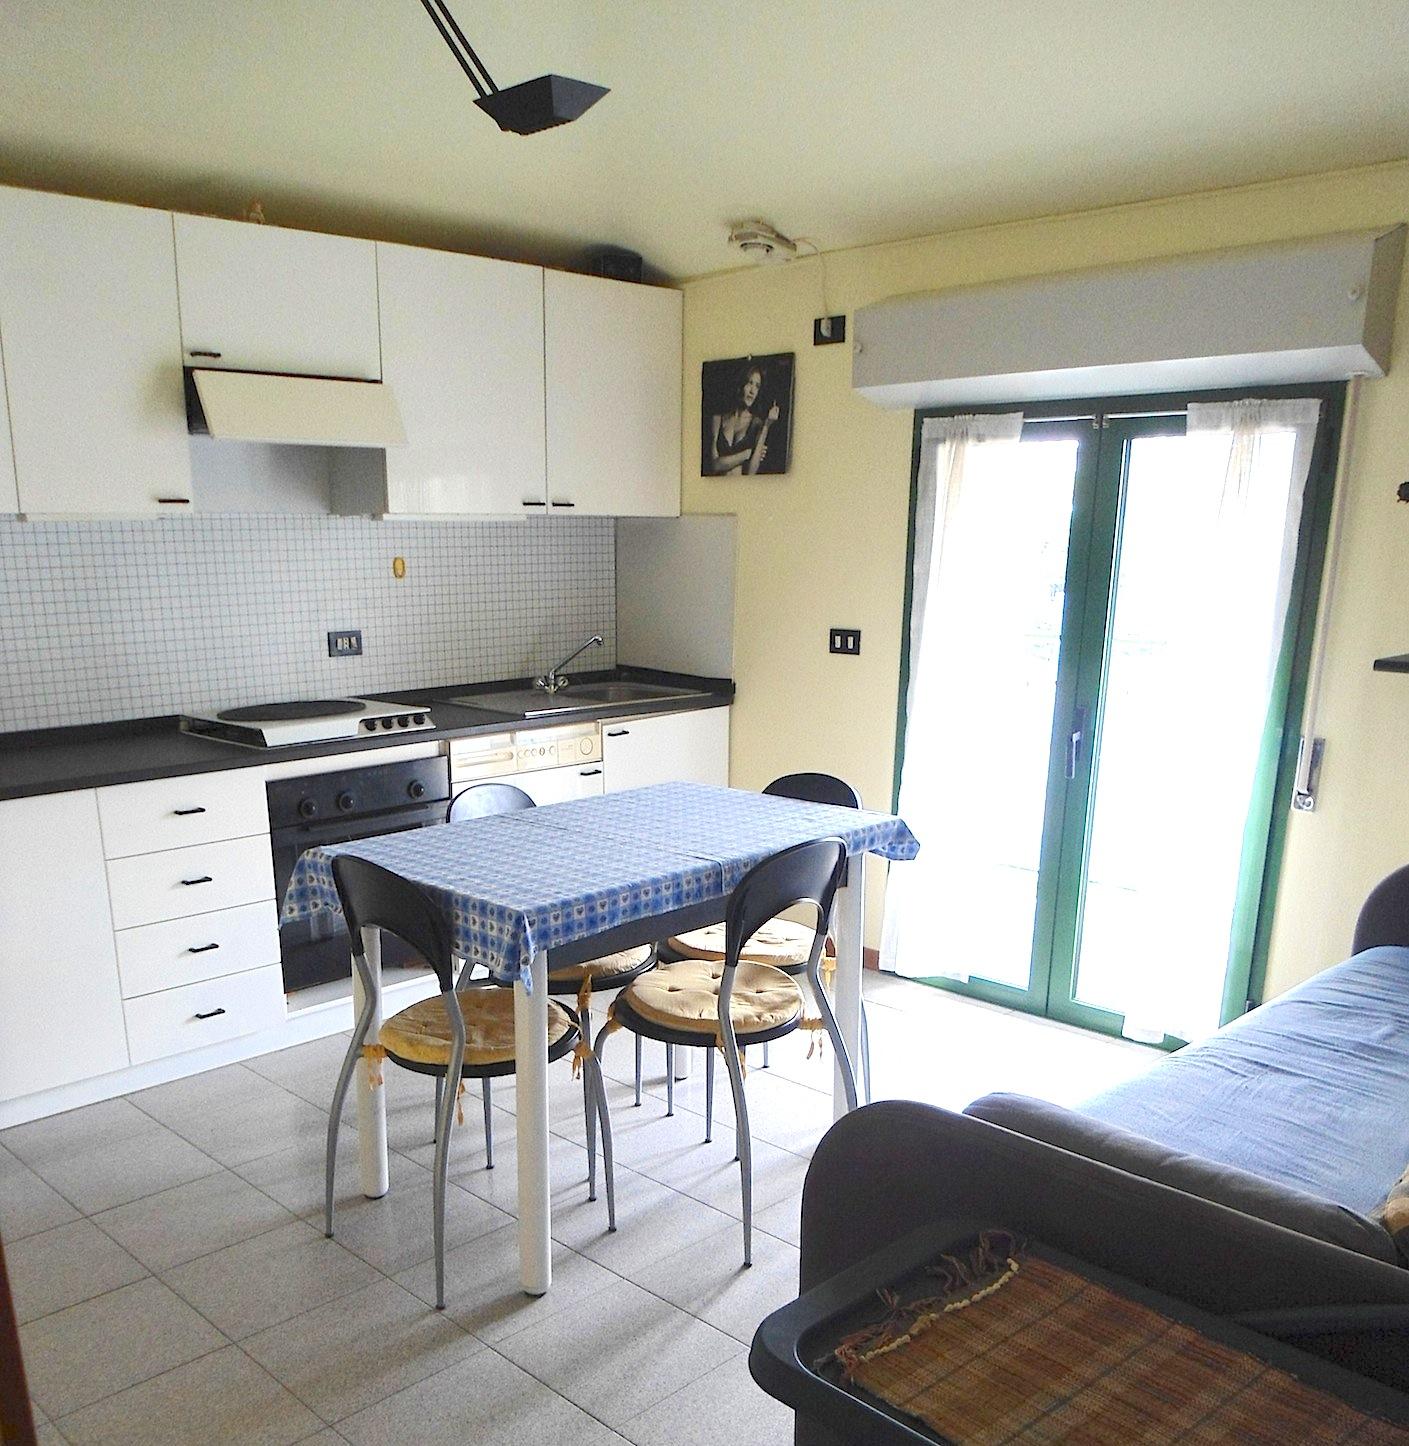 Riccione abissinia appartamento in vendita prezzo interessante - Bagno 60 riccione ...